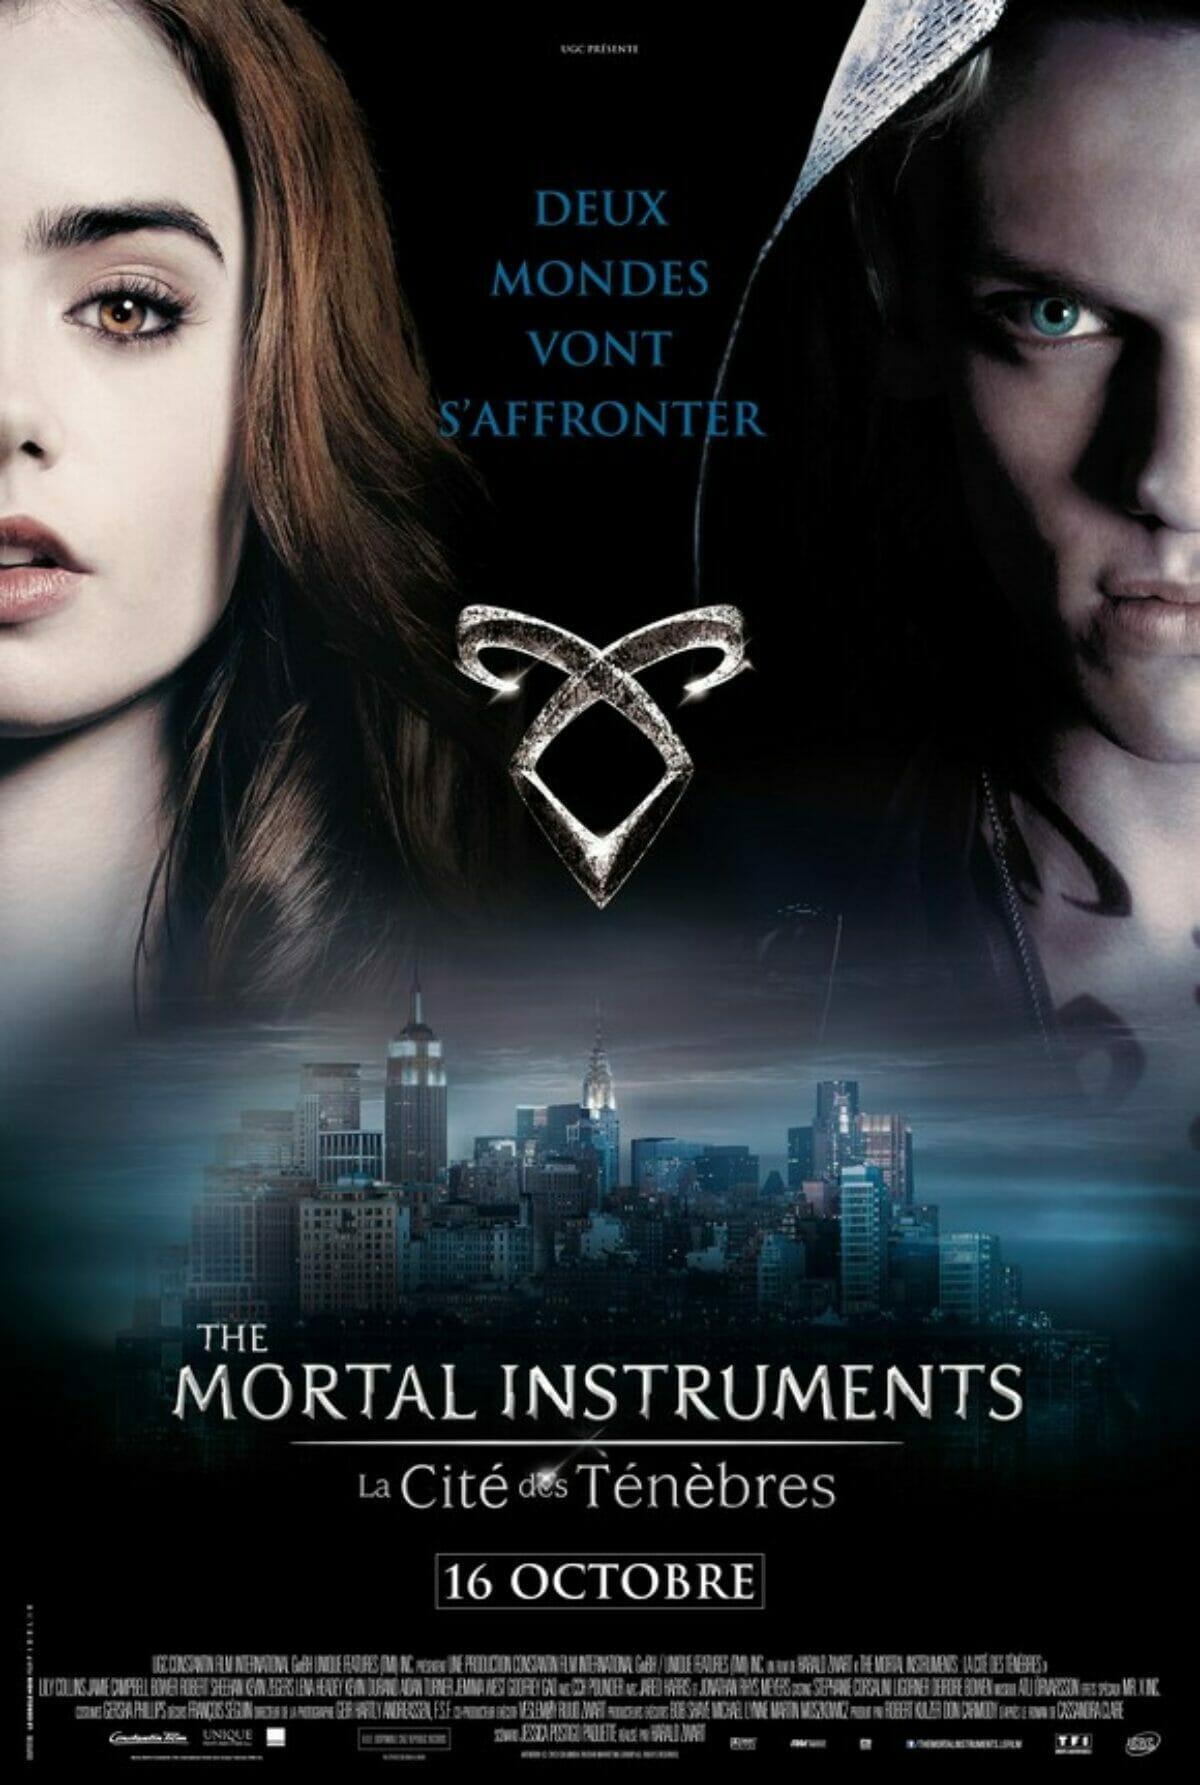 The-Mortal-Instruments-La-Cité-des-ténèbres-Affiche-France